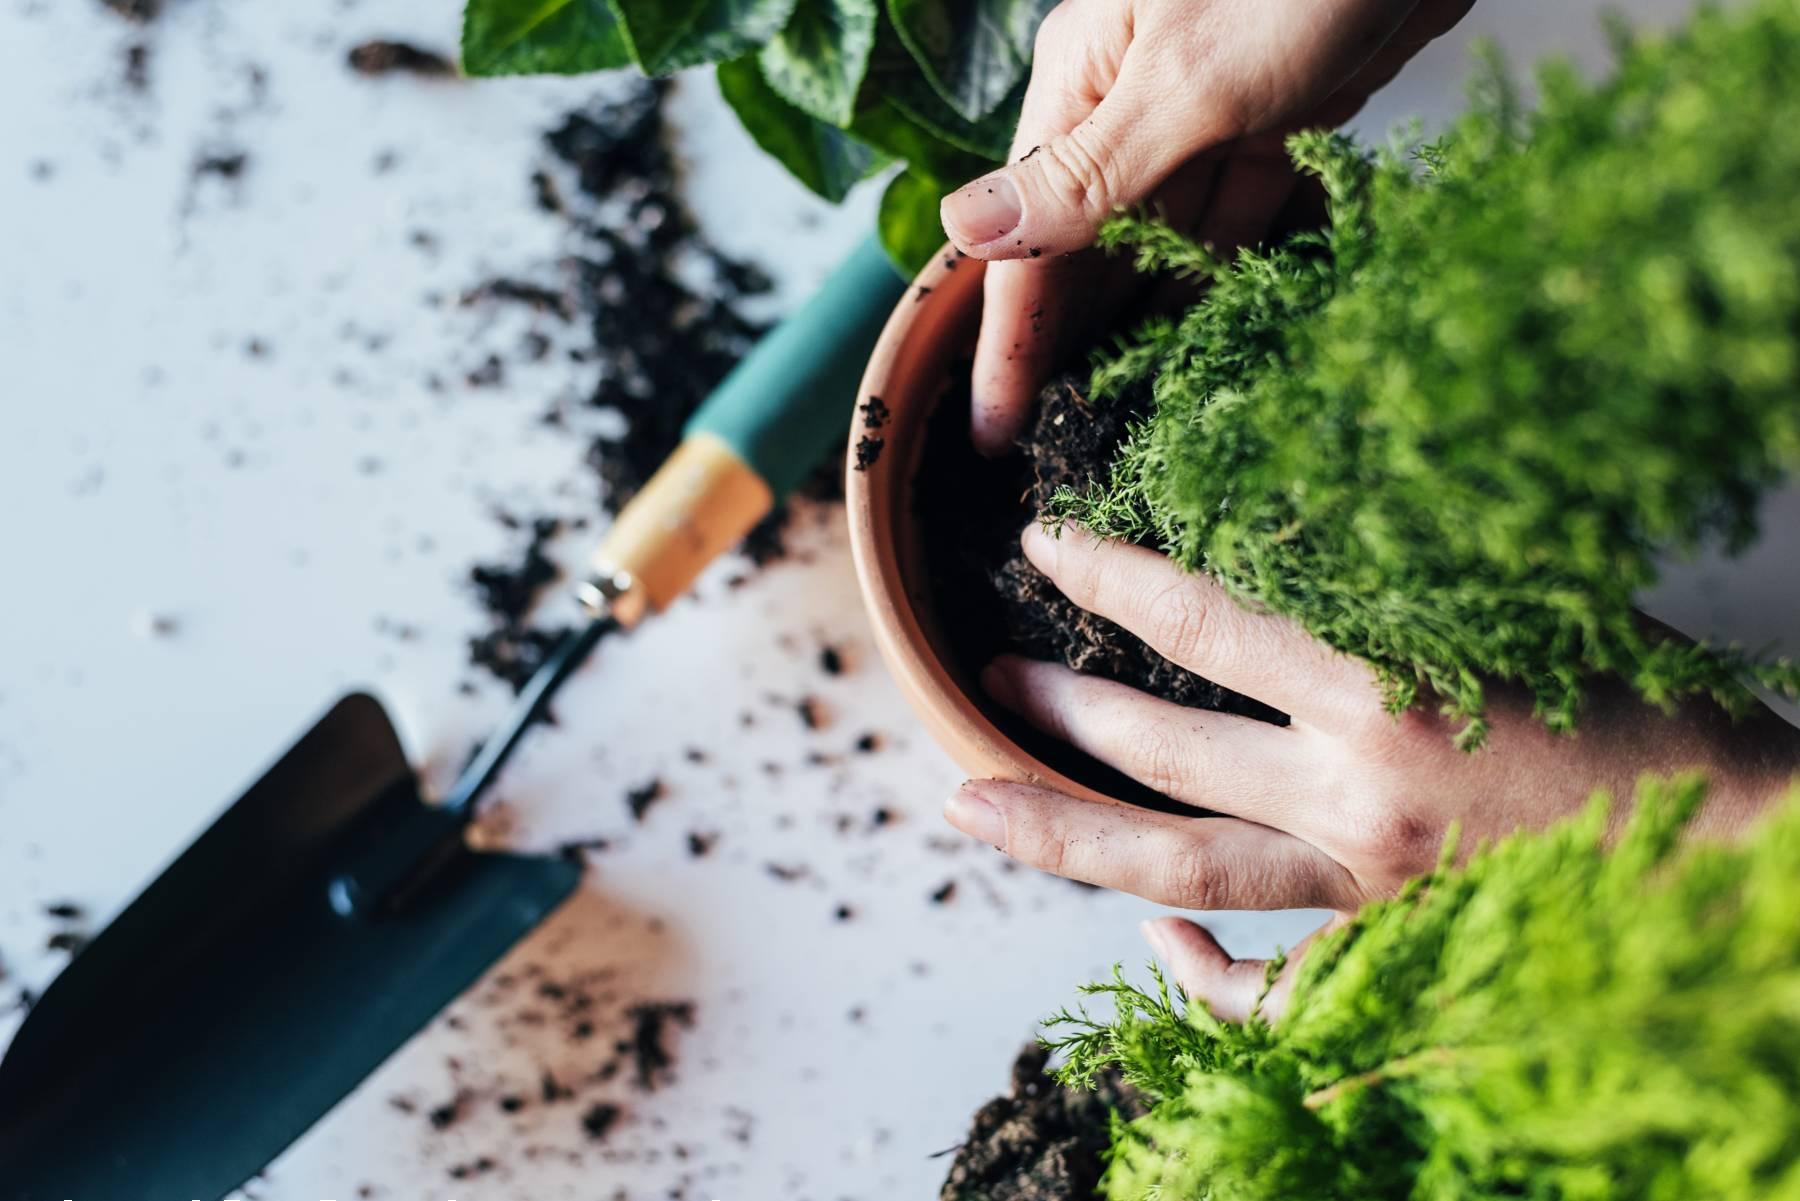 senior planting a flower into a pot